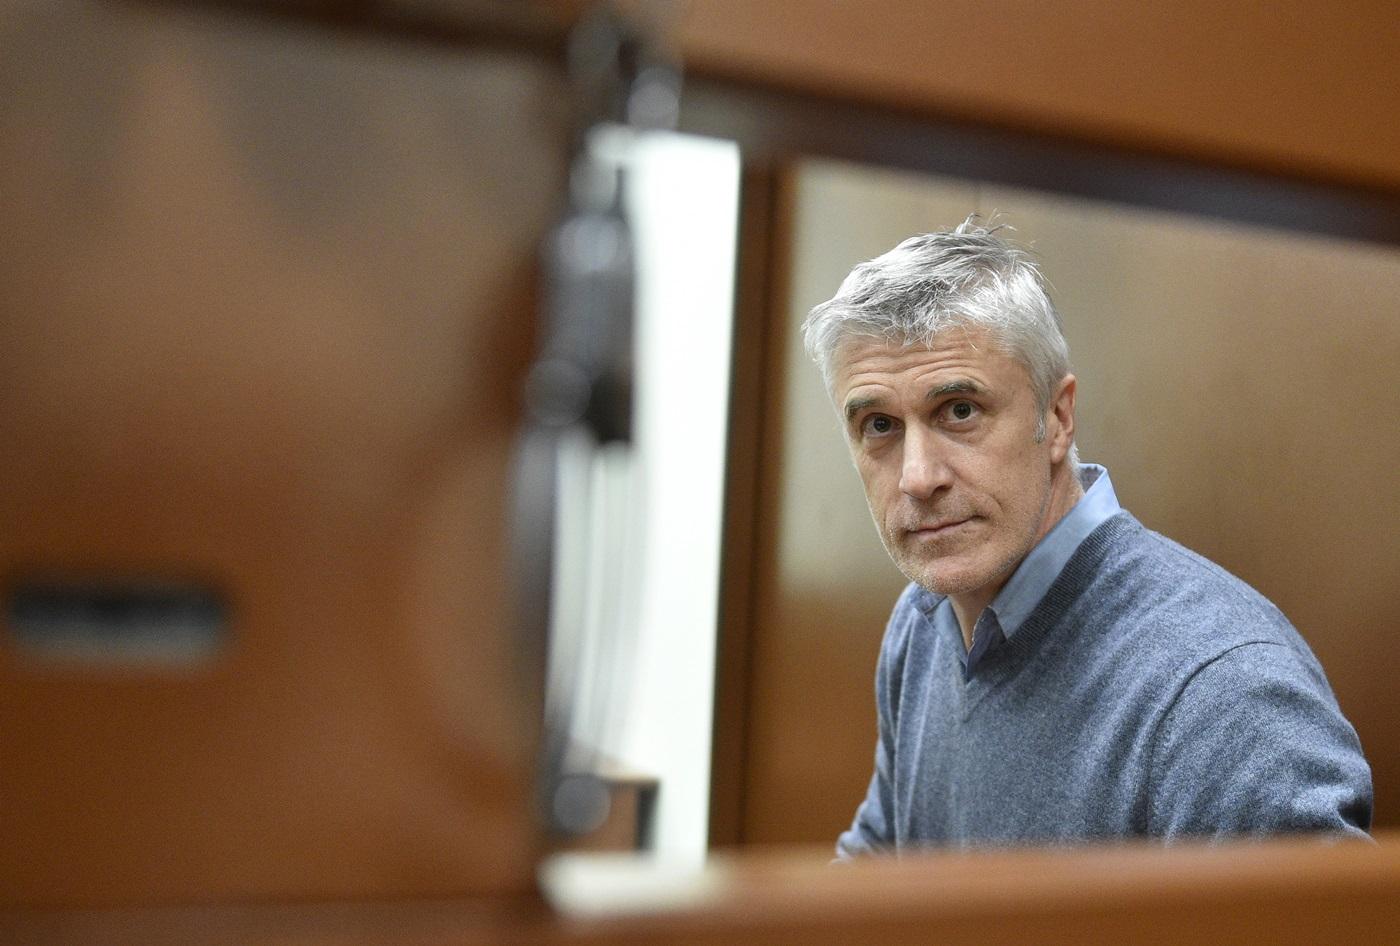 Уголовное дело на основателя Baring Vostok завели из-за его конфликта с другом Патрушева — The Bell